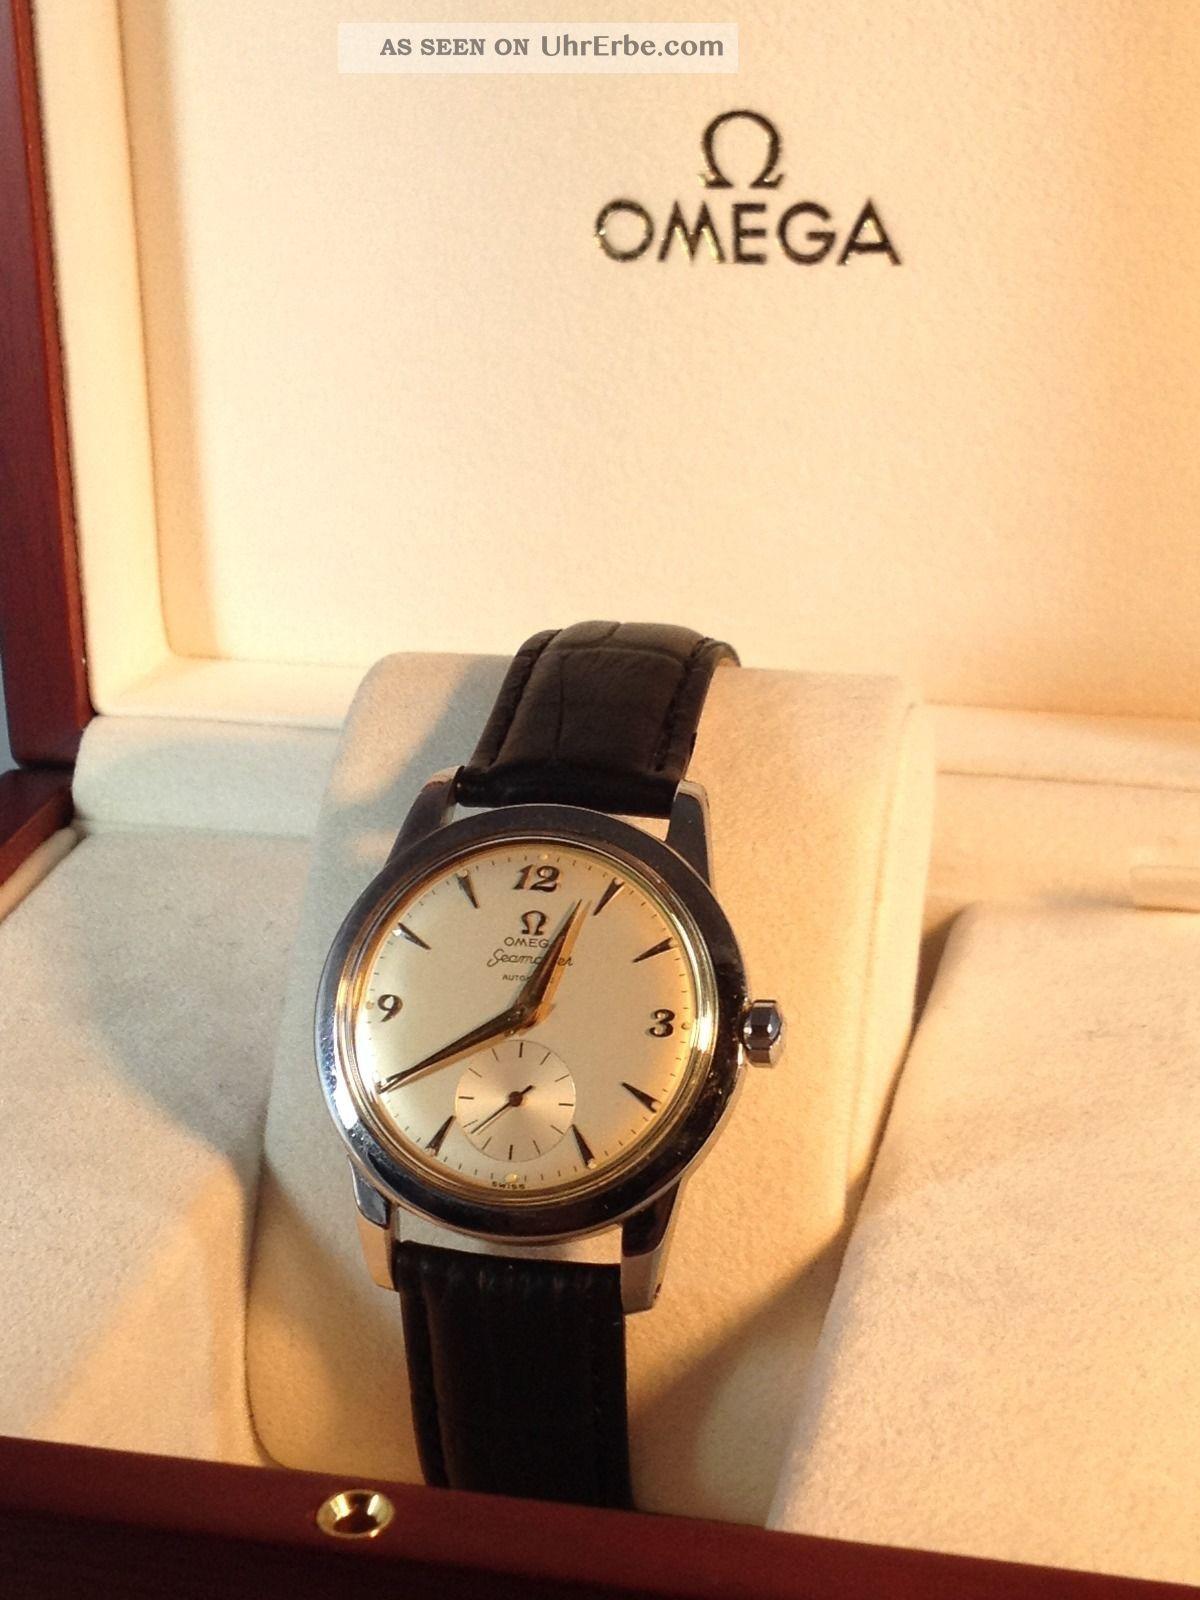 Omega Seamaster Automatik Hammer Uhrwerk Armband Uhr Swiss Made Armbanduhren Bild